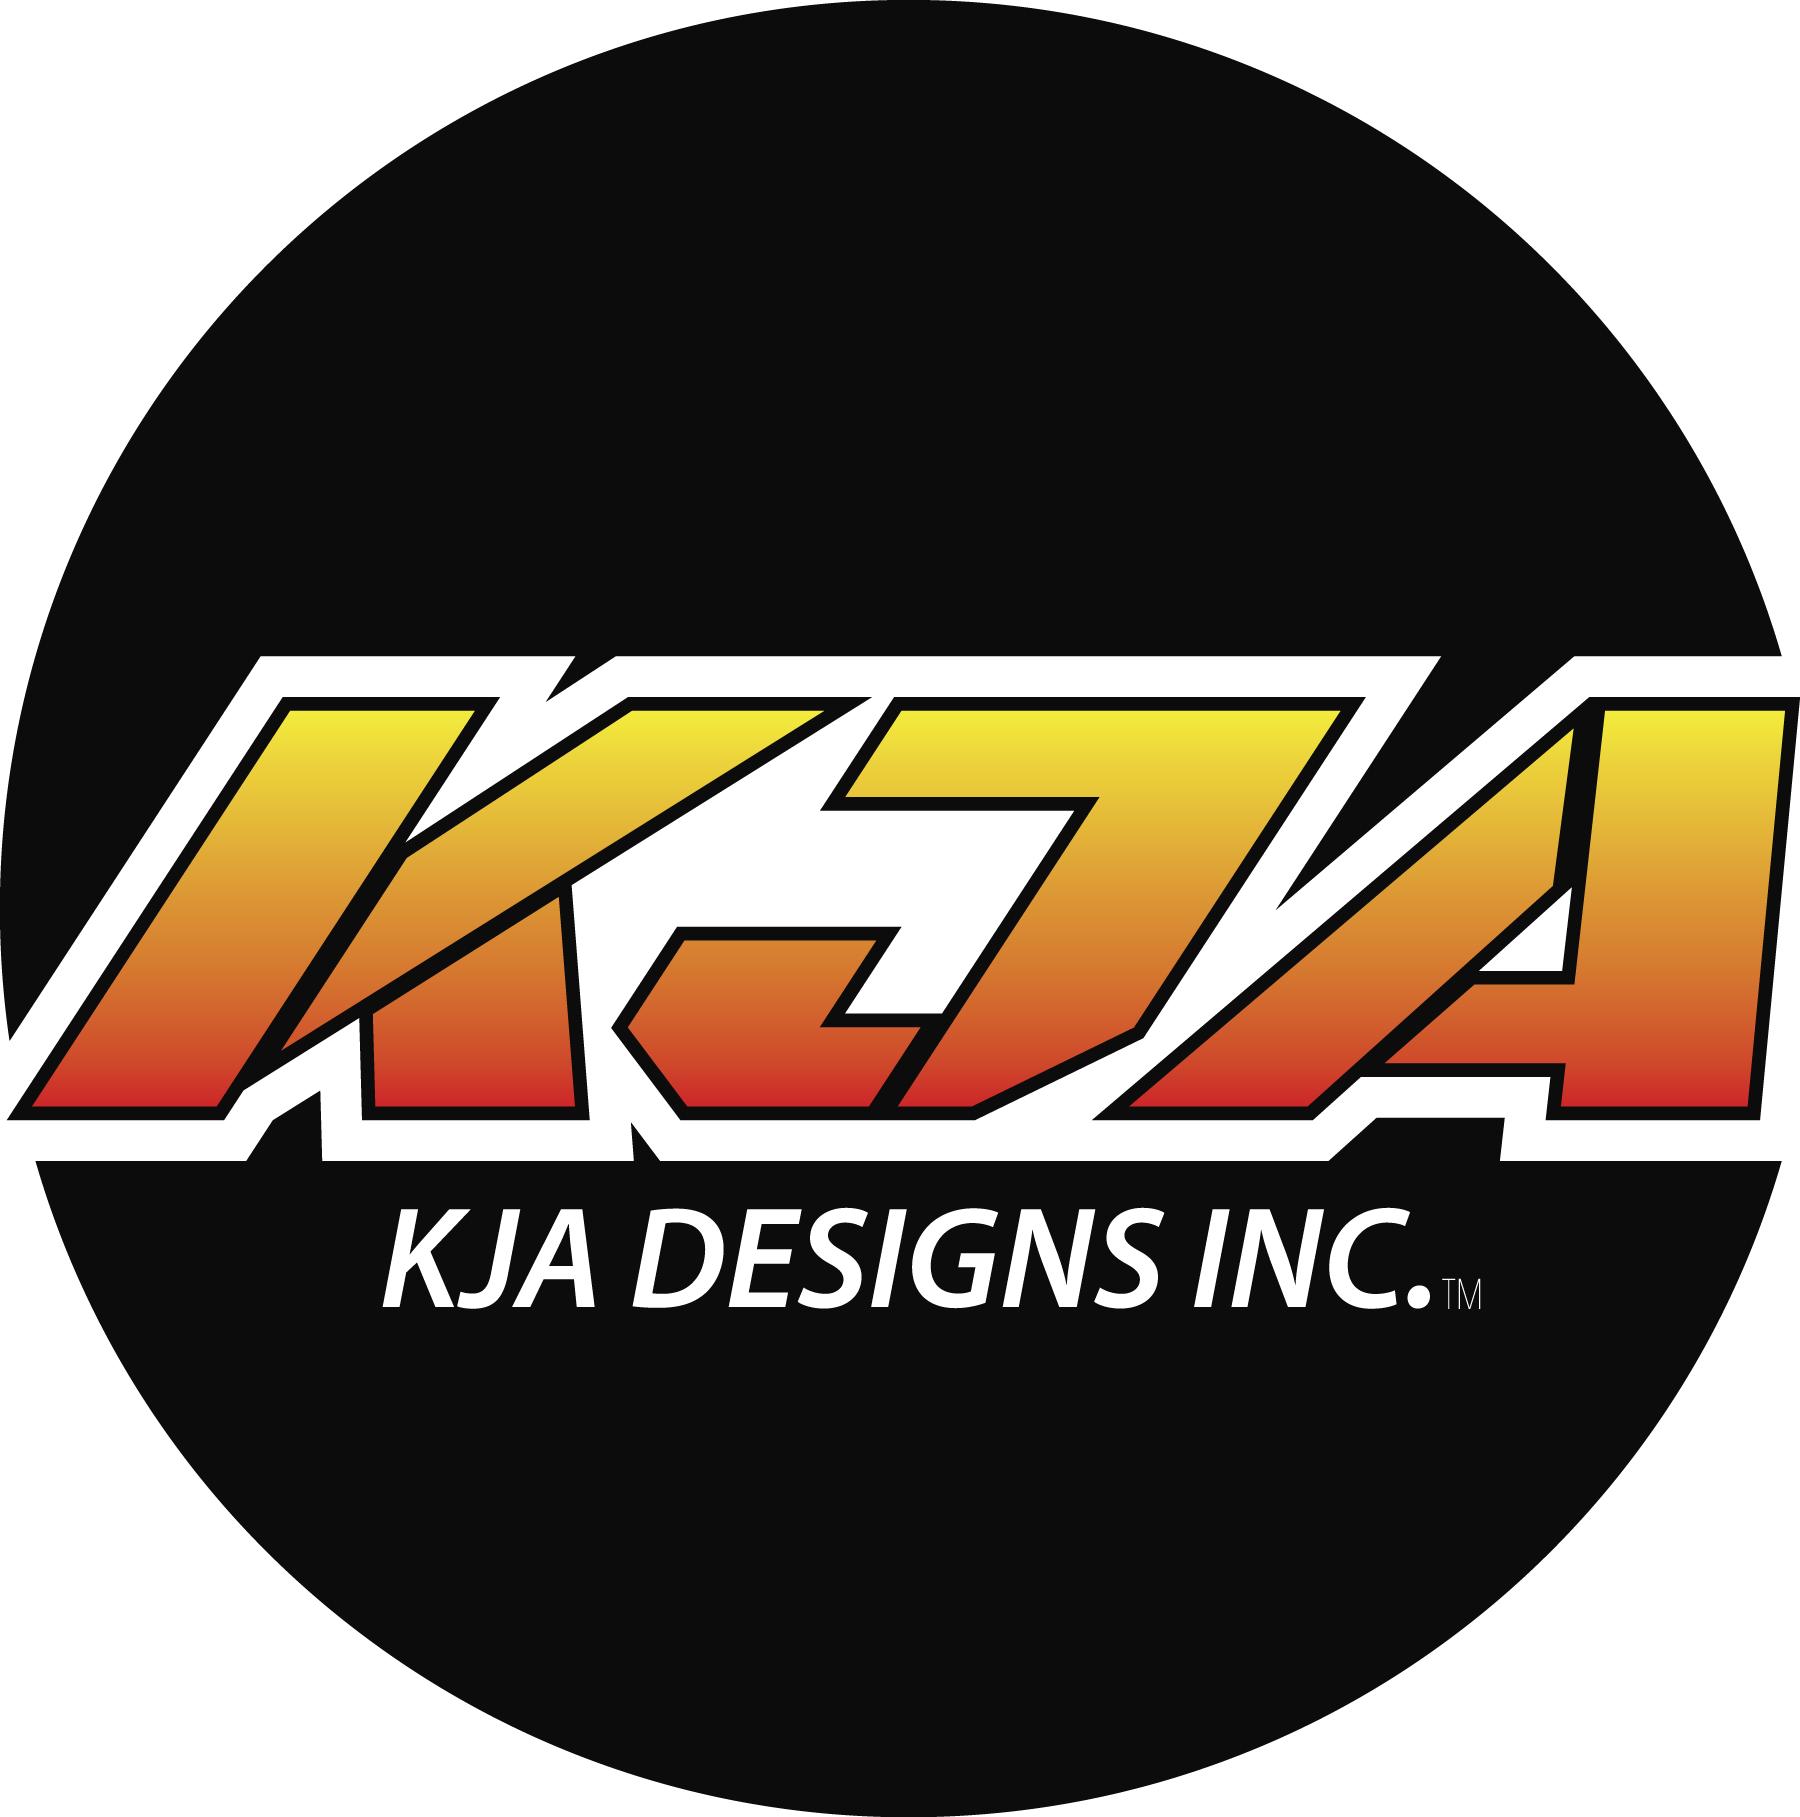 KJA Designs Inc.™ 1A